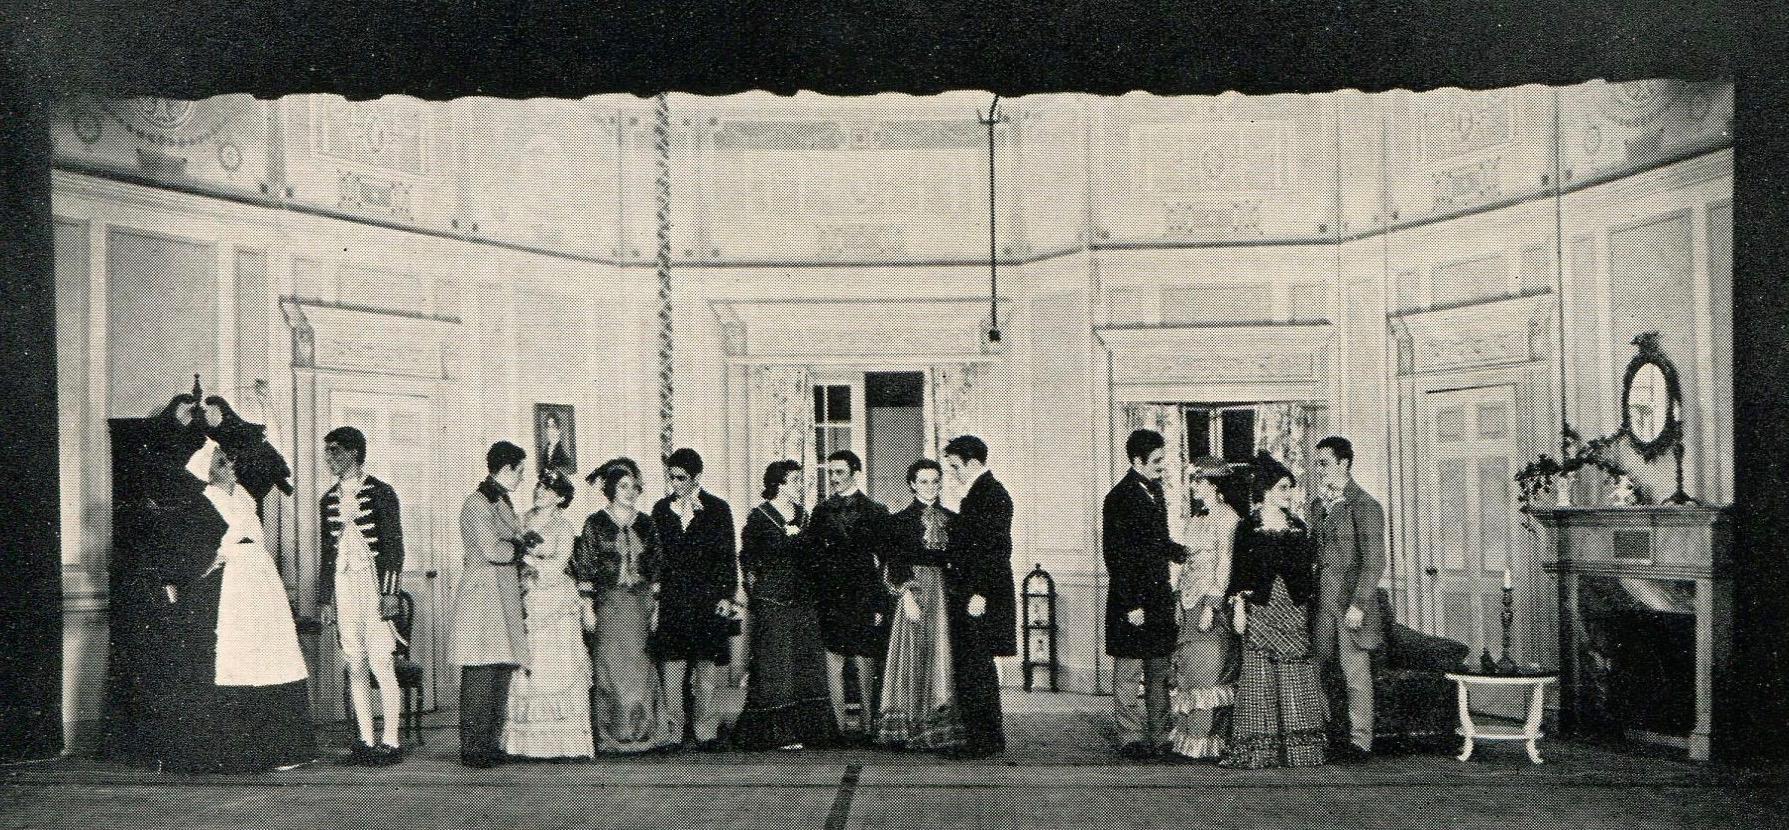 Class Play 1937